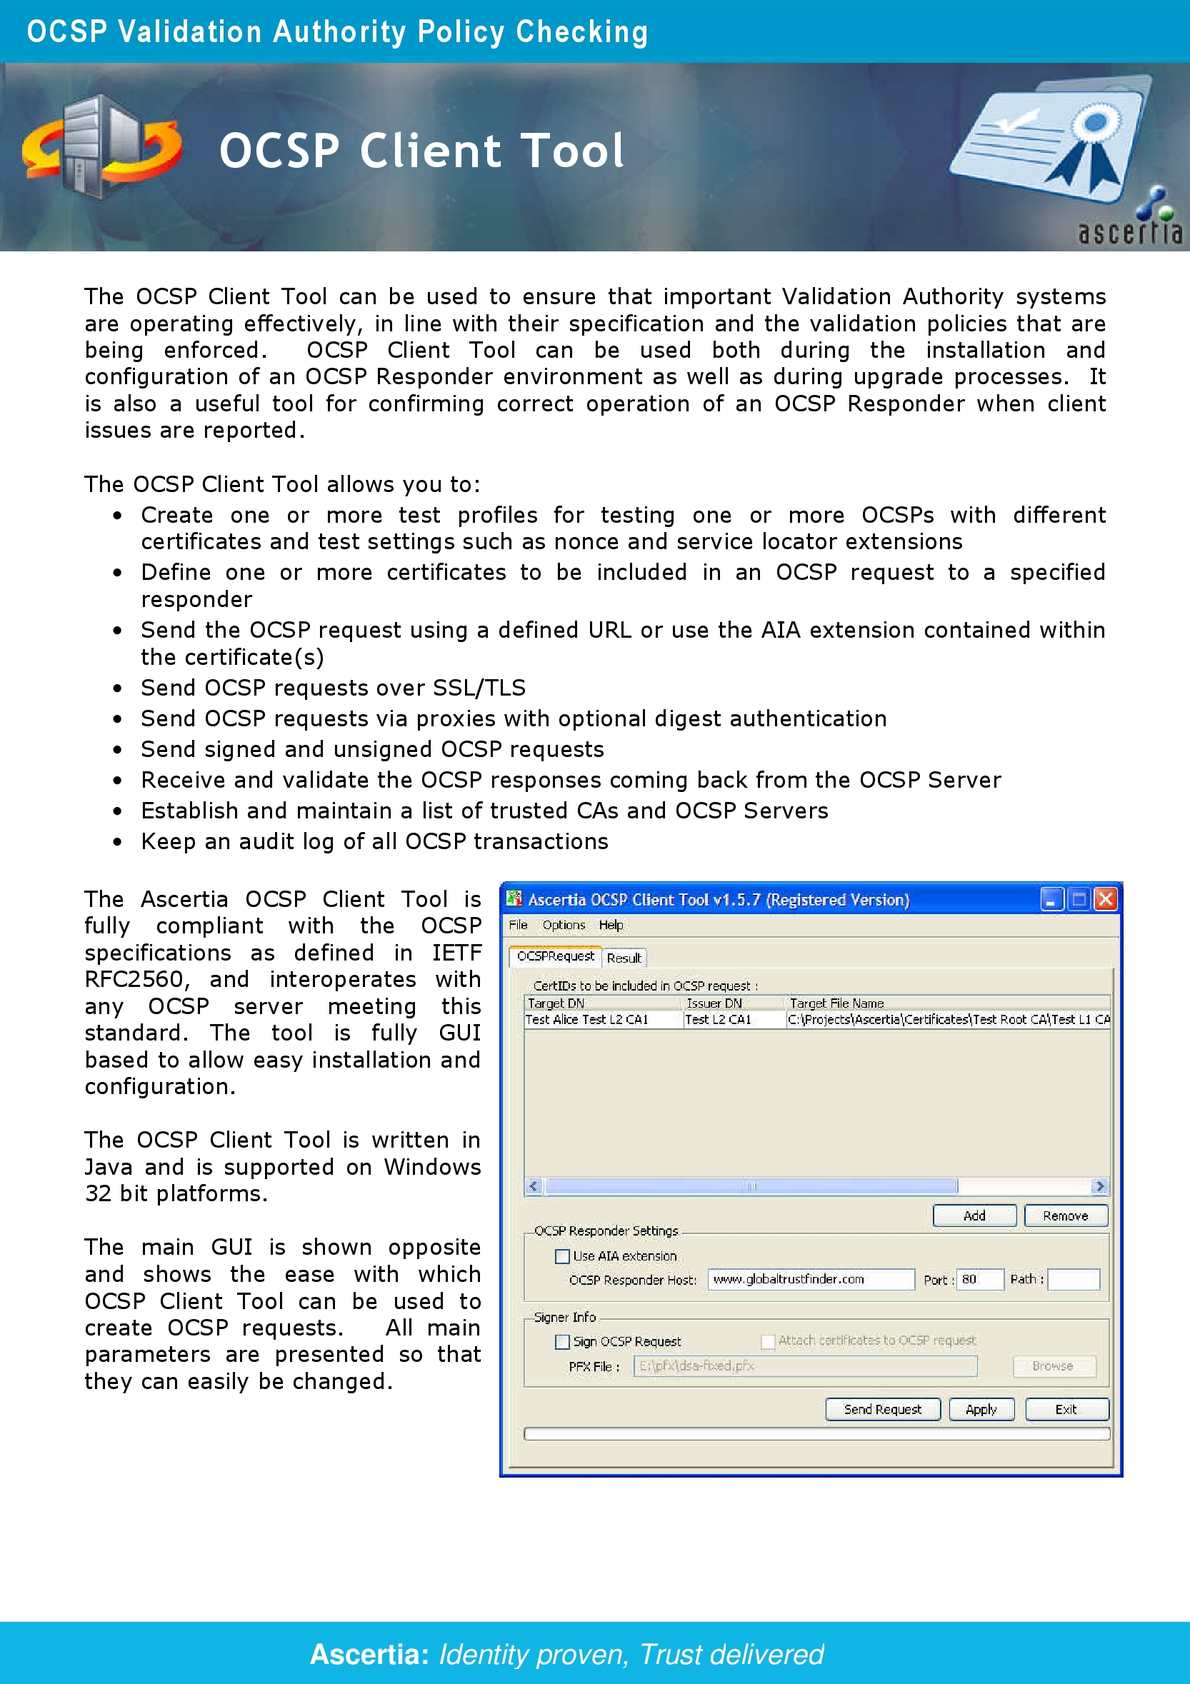 Calaméo - OCSP Client Tool Datasheet